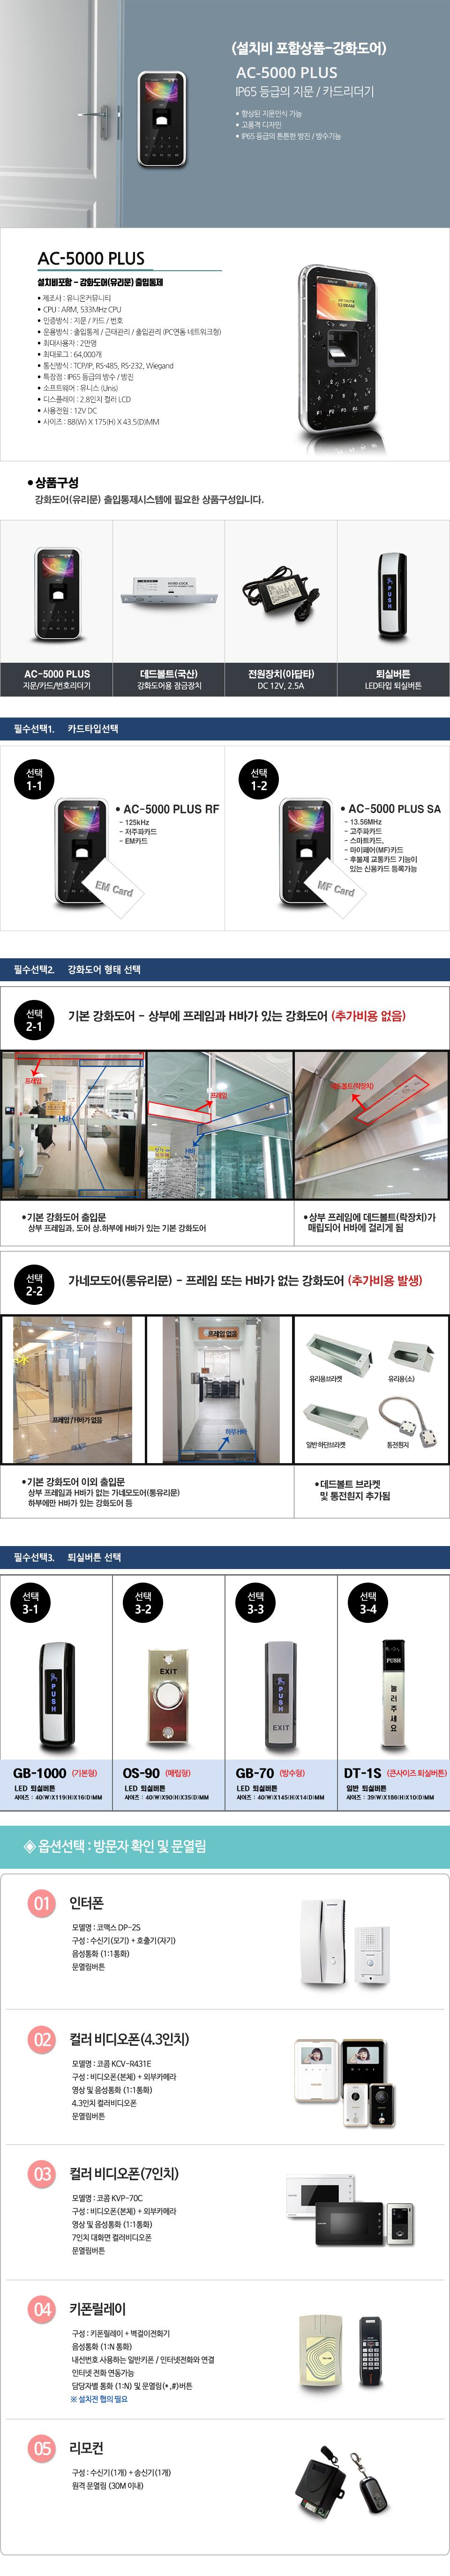 AC-5000 PLUS설치비포함작업-강화도어.jpg